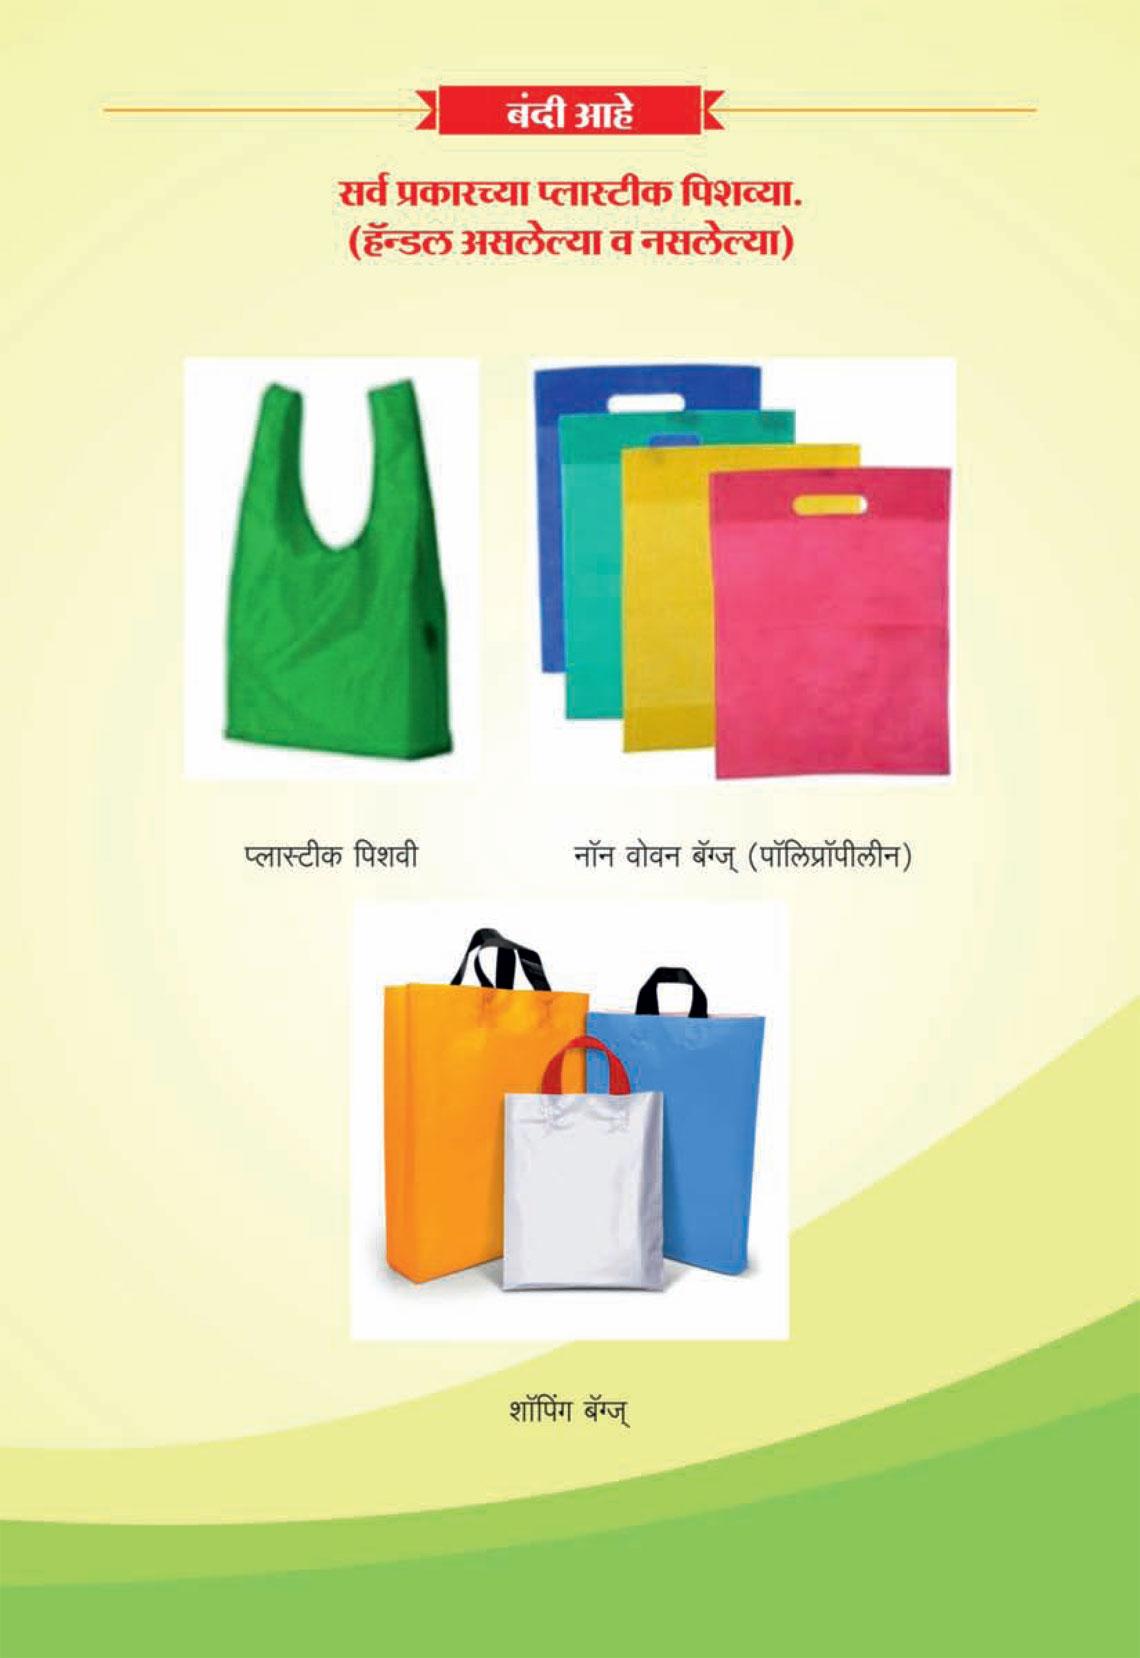 plastic-ban--brochure-3